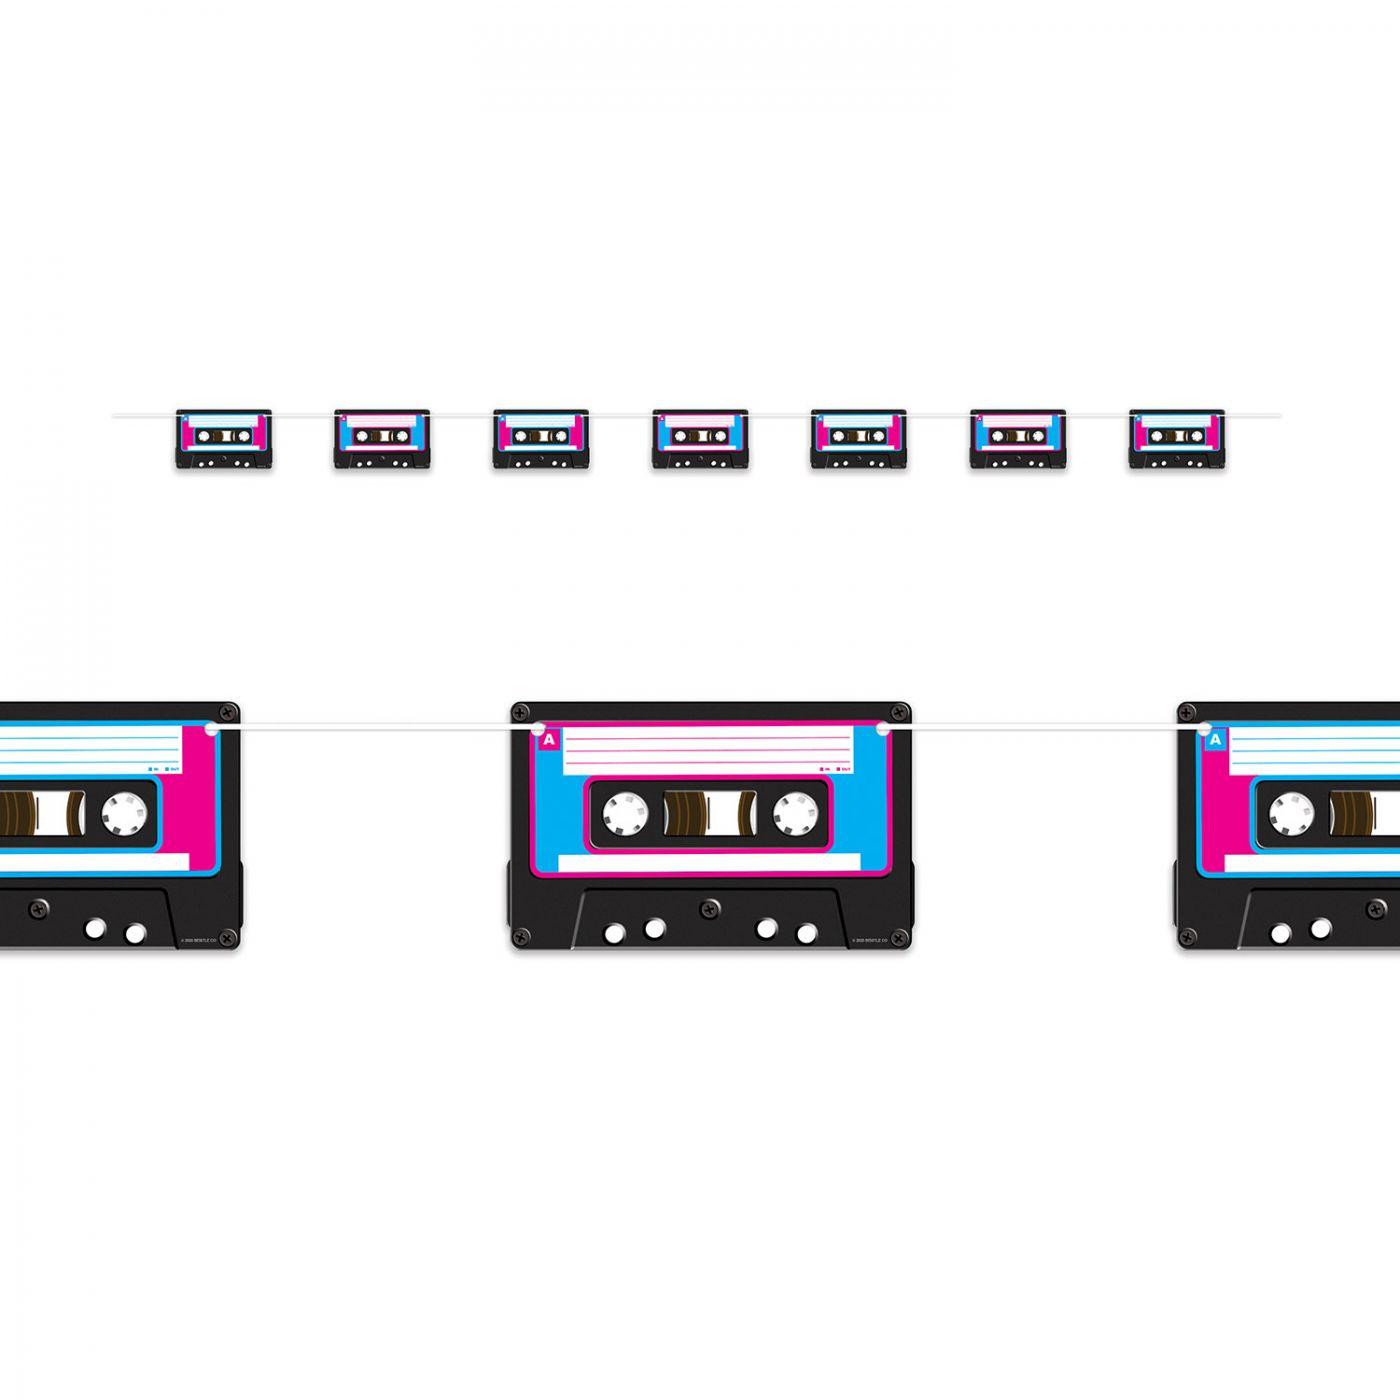 Cassette Tape Streamer image